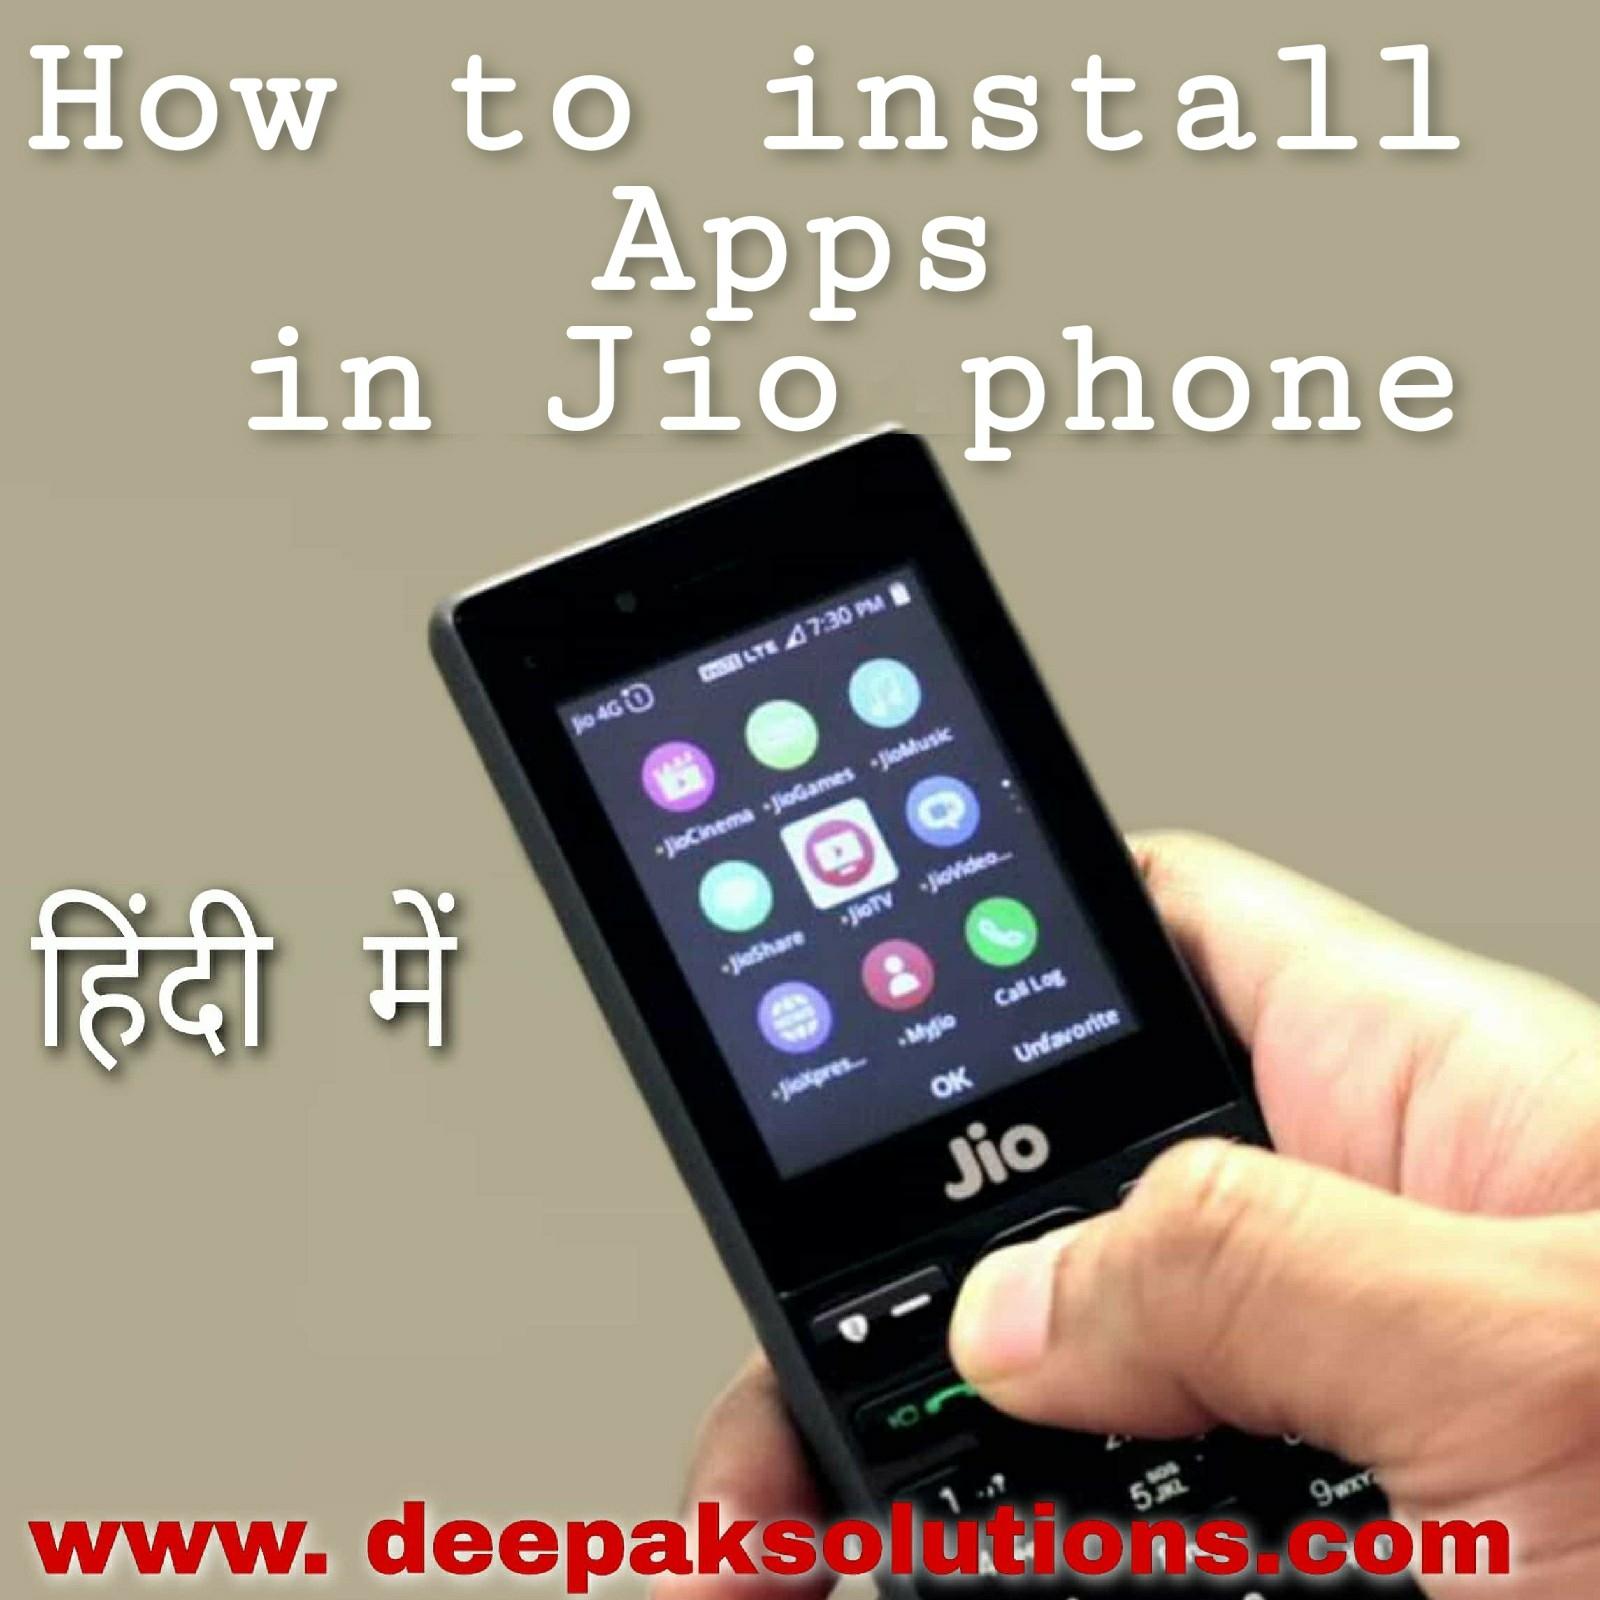 jiophone me app install kaise kre